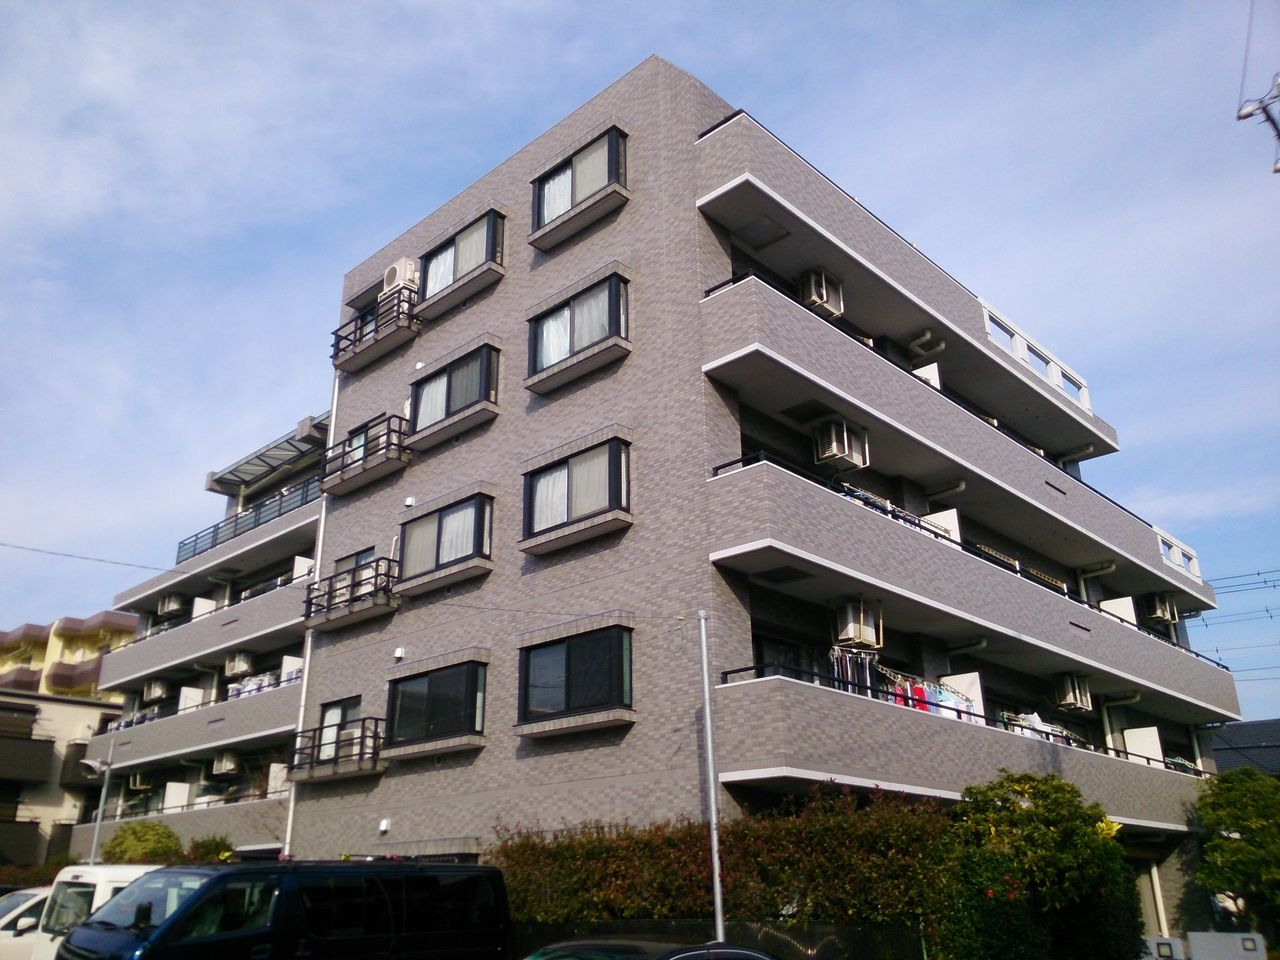 売りマンション|キャニオン高島平パークアベニュー1階「専用庭付」について!板橋区高島平八丁目